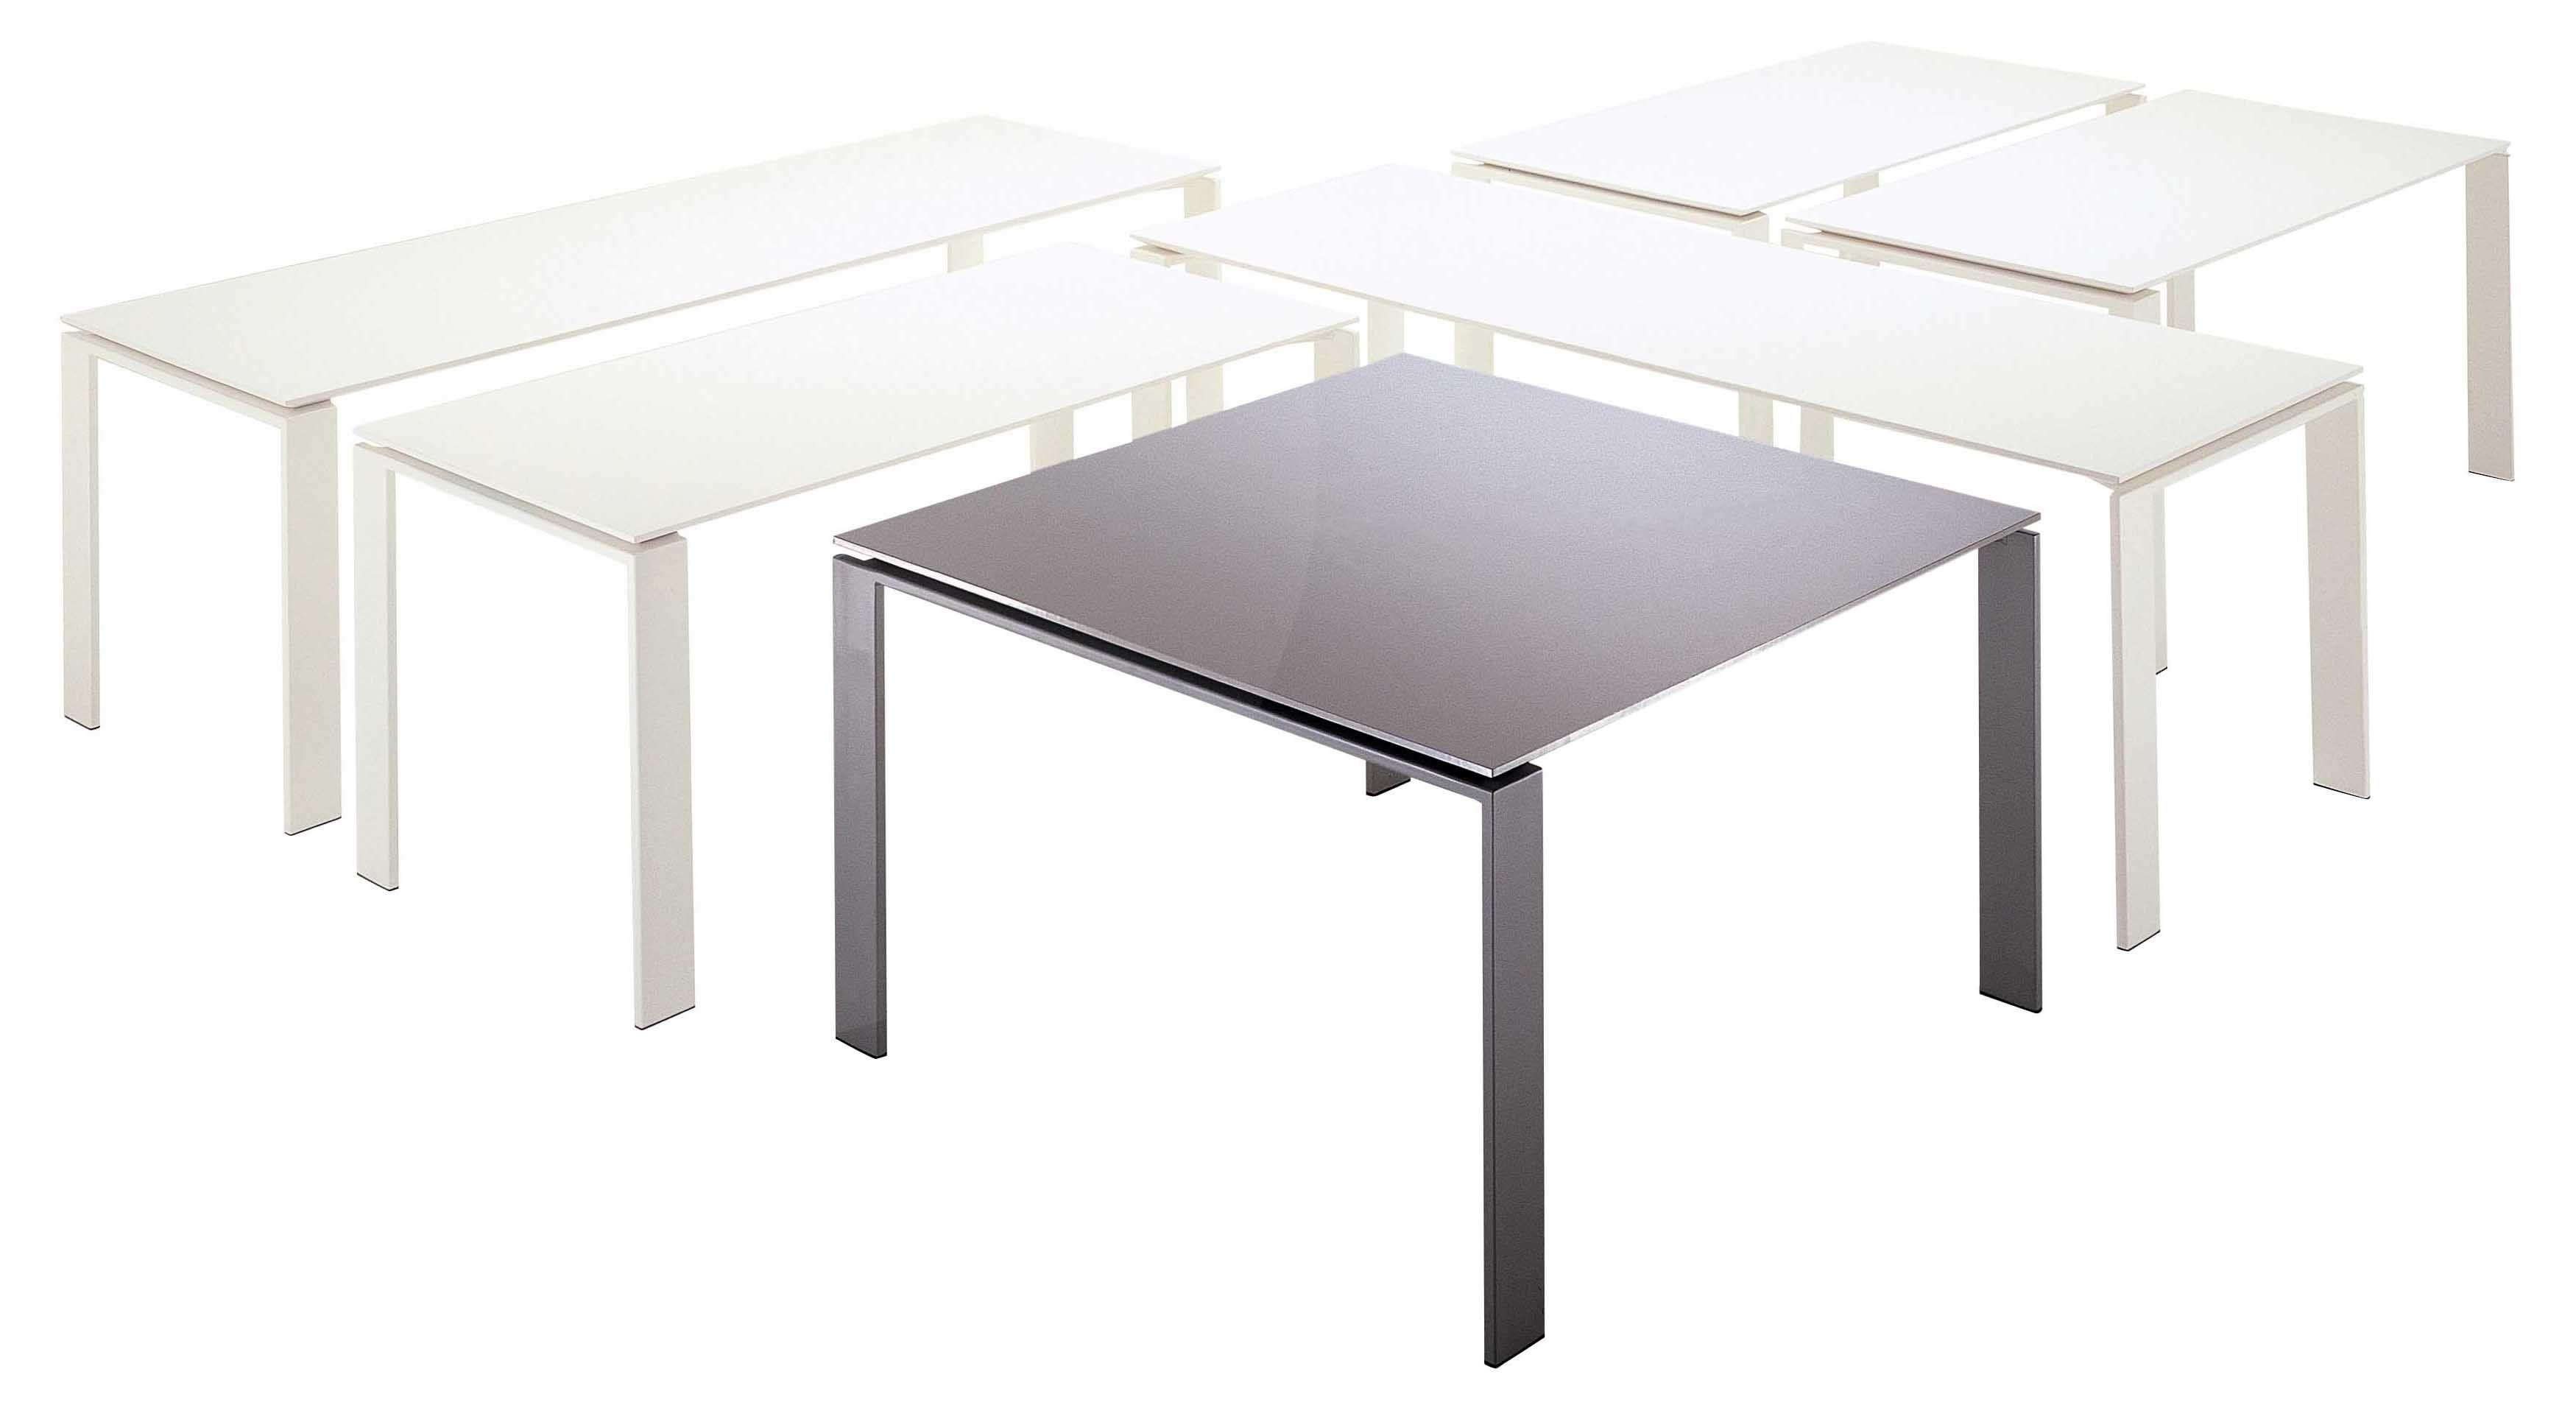 Scopri tavolo four nero 190 cm di kartell made in design - Tavolo four kartell prezzo ...